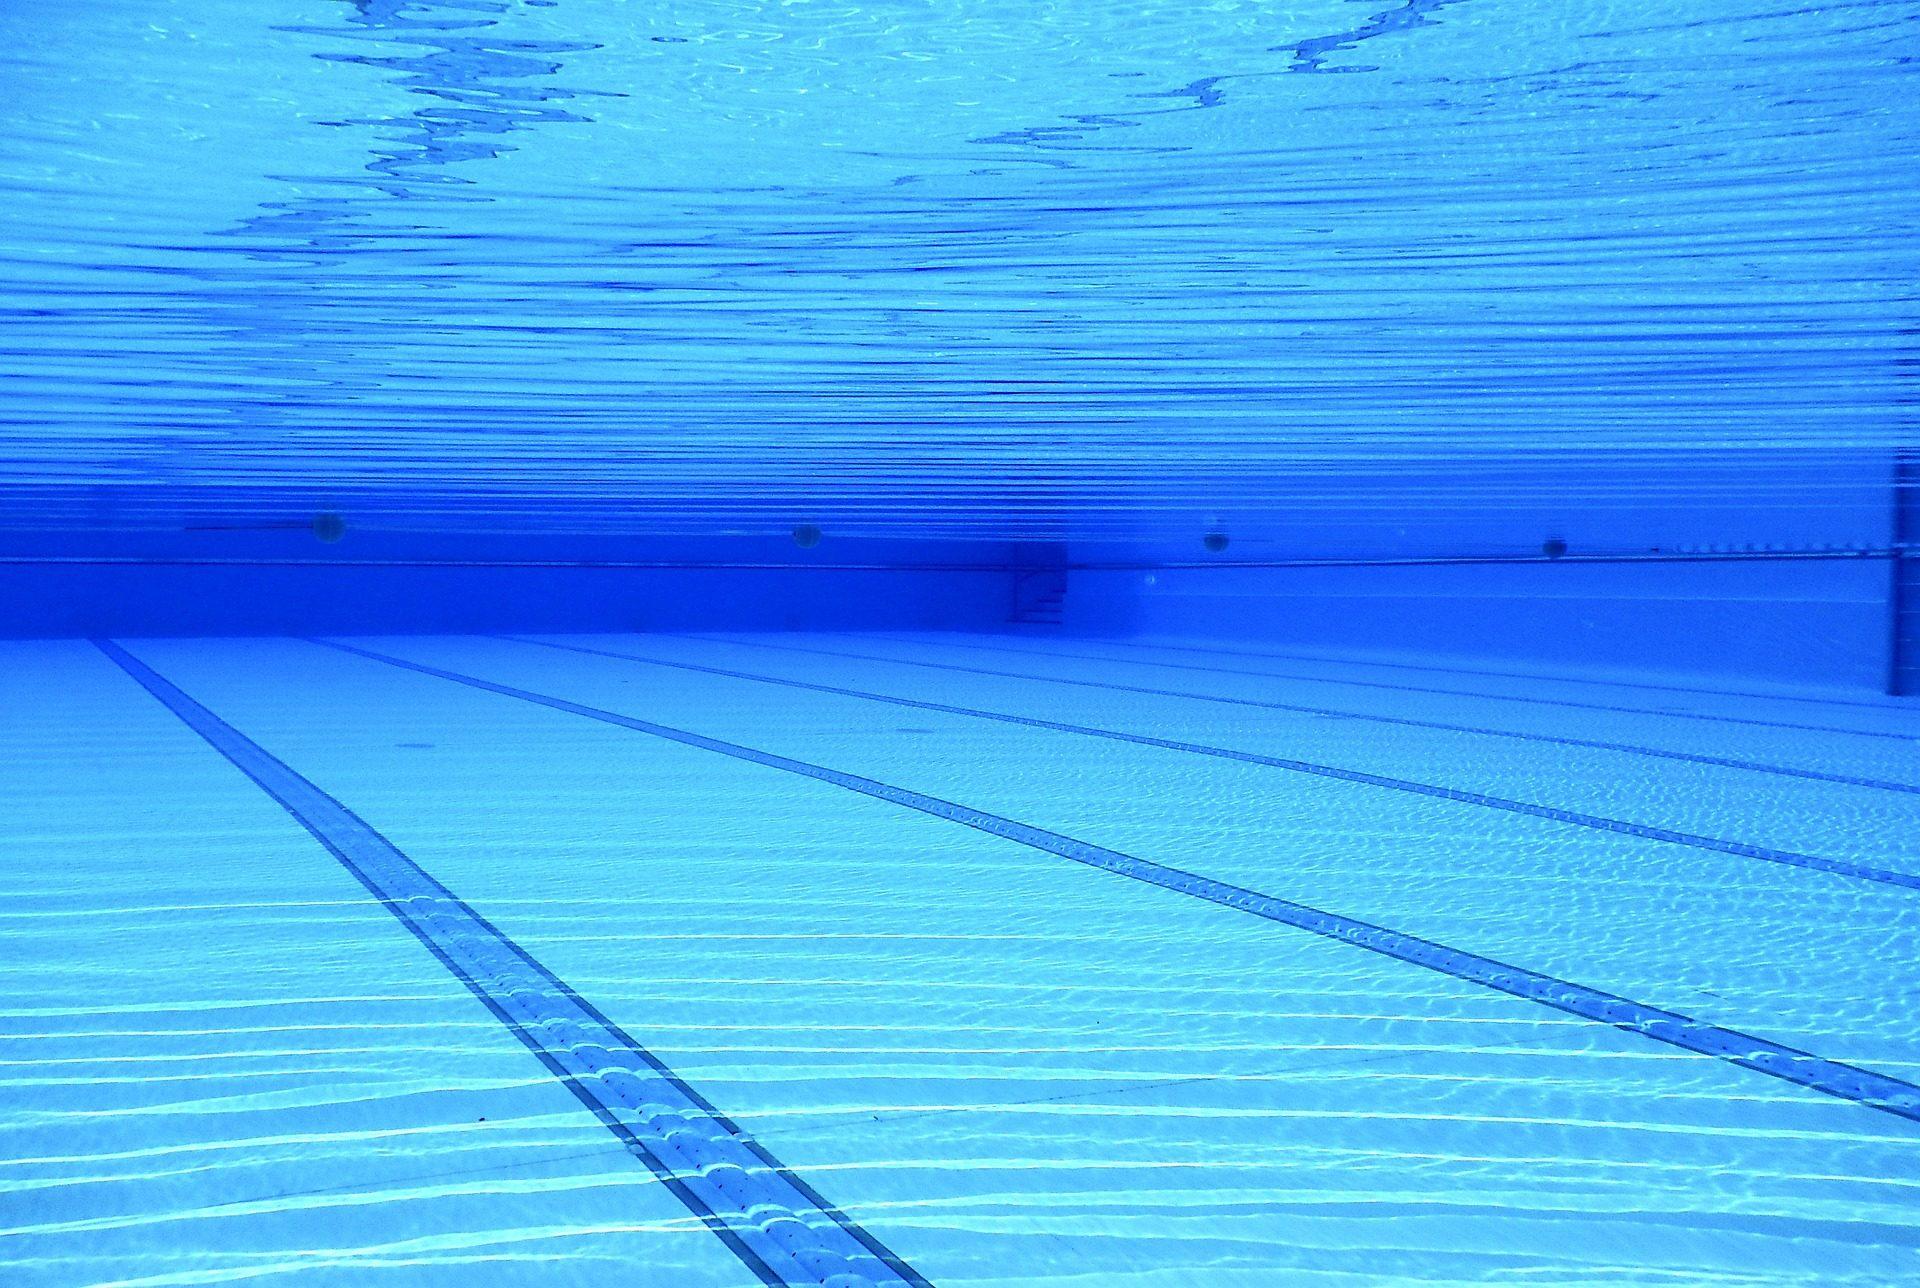 das Bild zeigt einen großen Pool mit kristallklarem Wasser